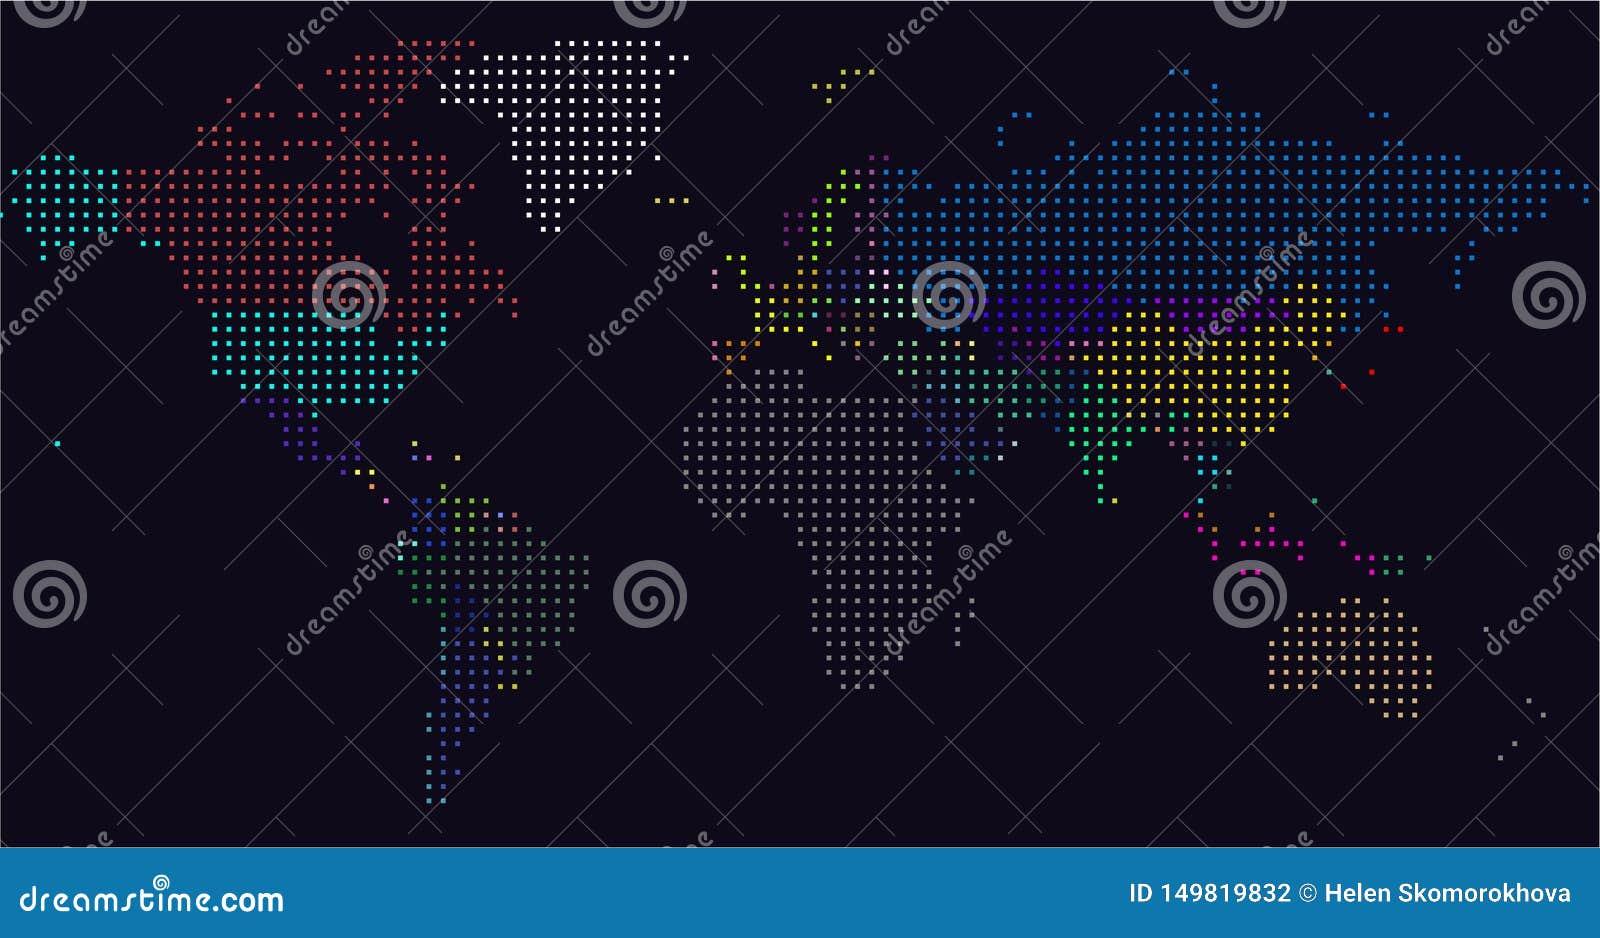 Mapa de mundo pontilhado vetor Um mapa pol?tico do mundo